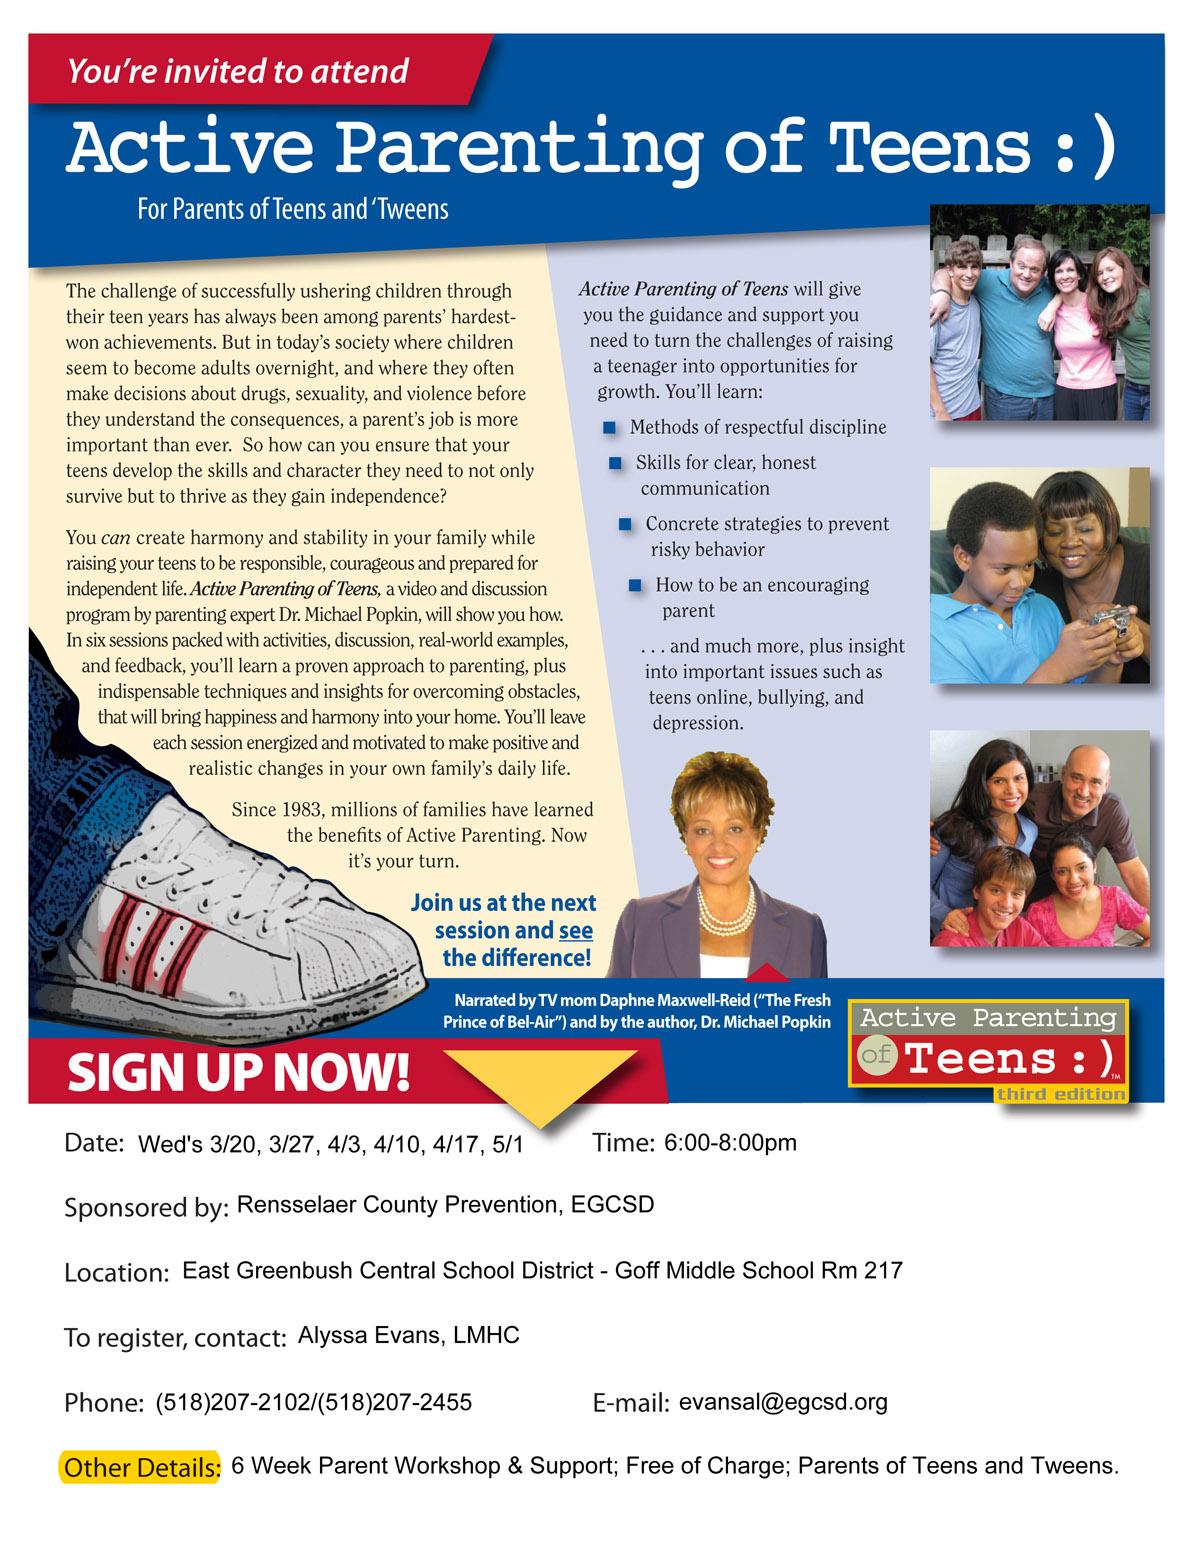 Active Parenting Workshop flyer